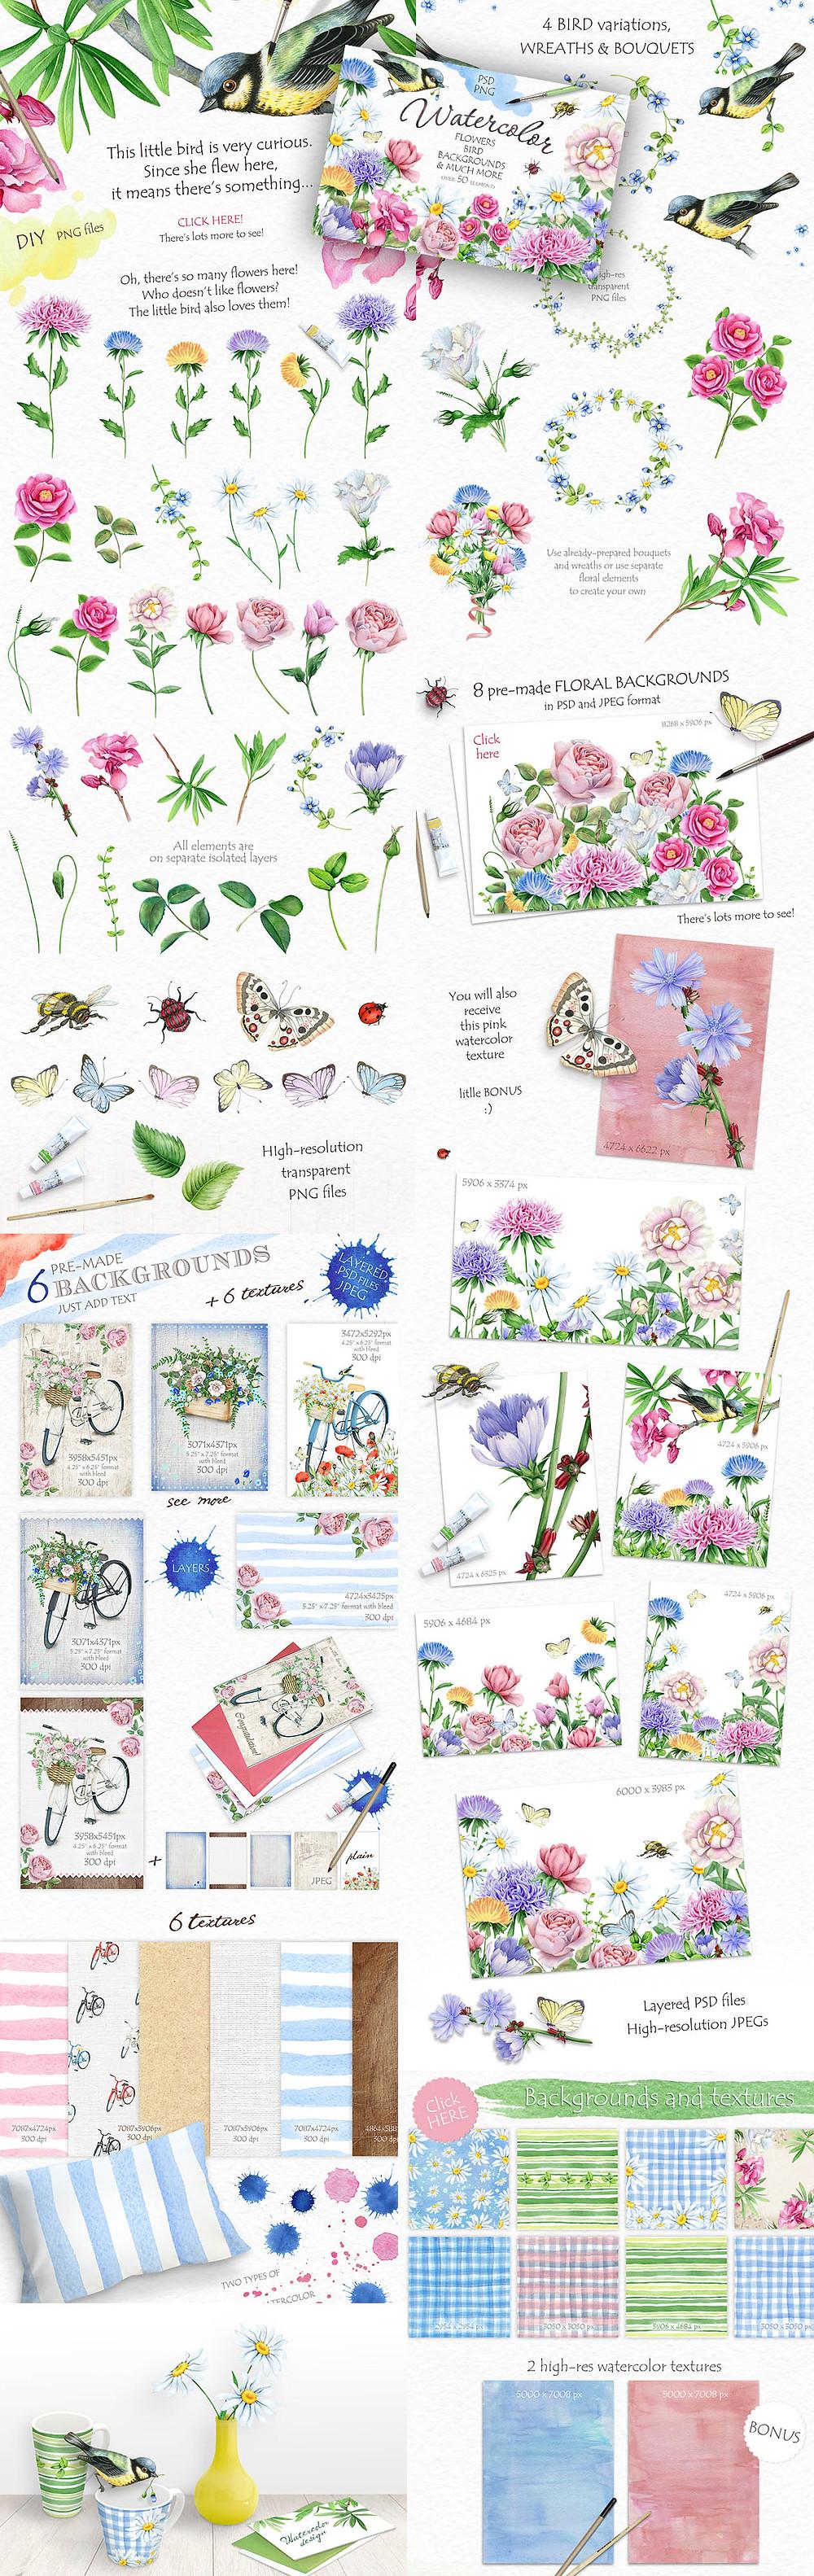 Watercolor flowers DIY